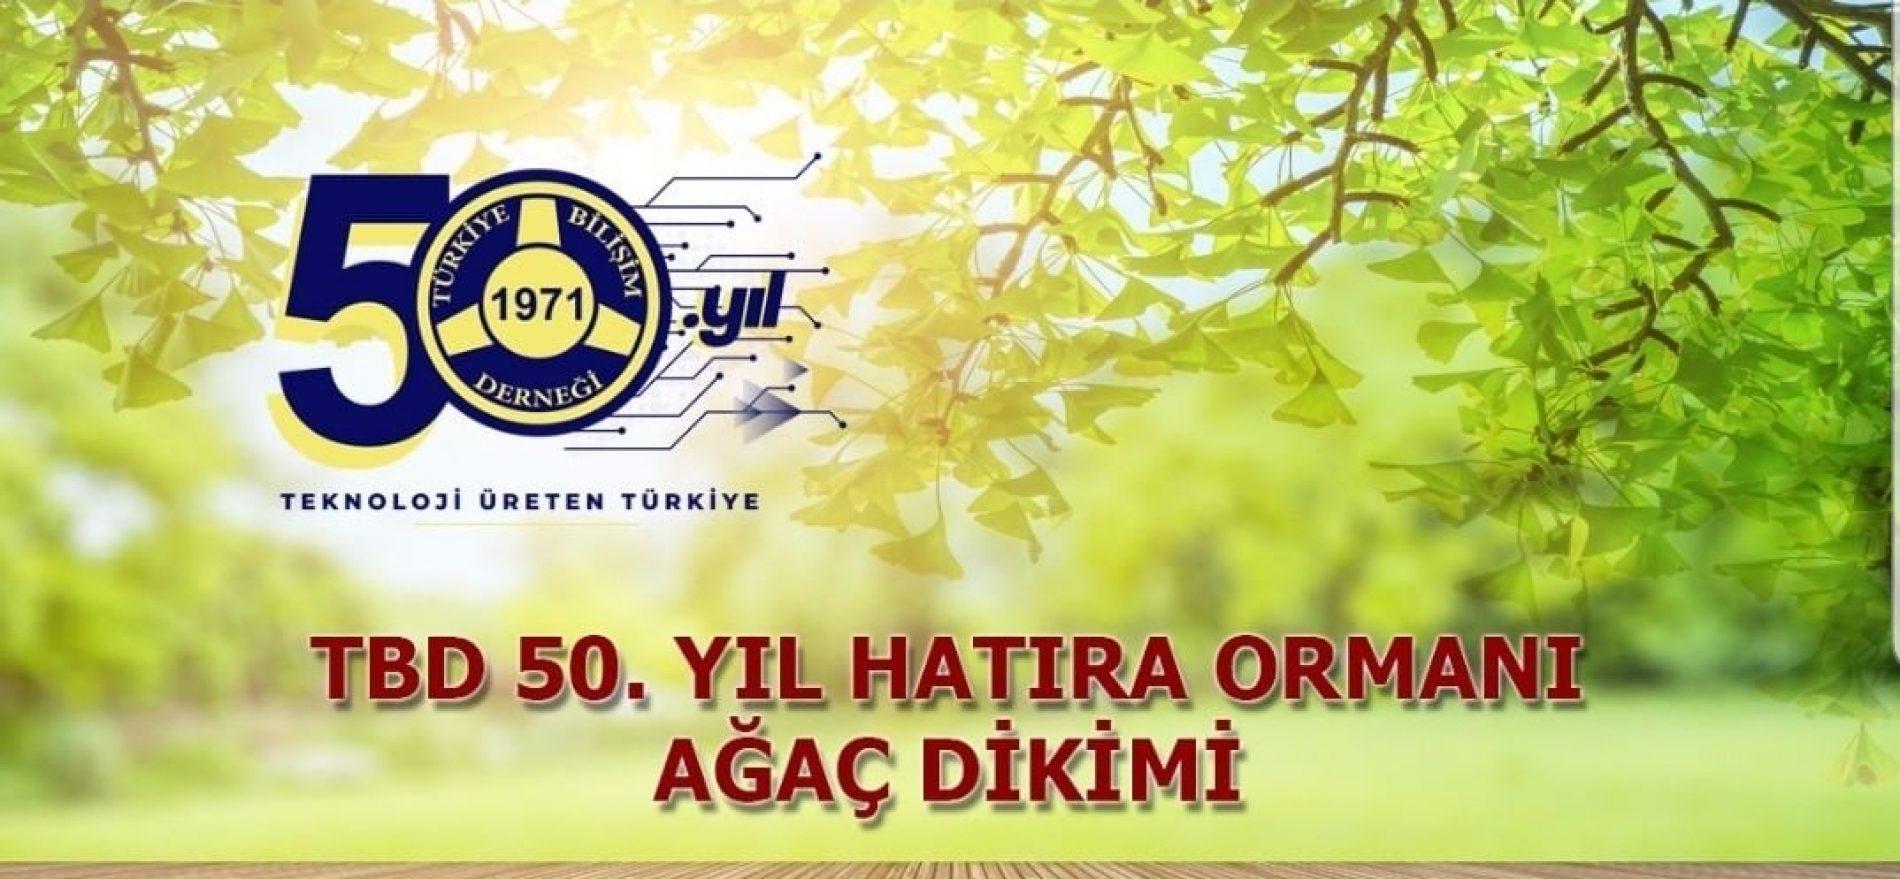 TBD İstanbul 50. Yıl Hatıra Ormanı Ağaç Dikimi Etkinliği